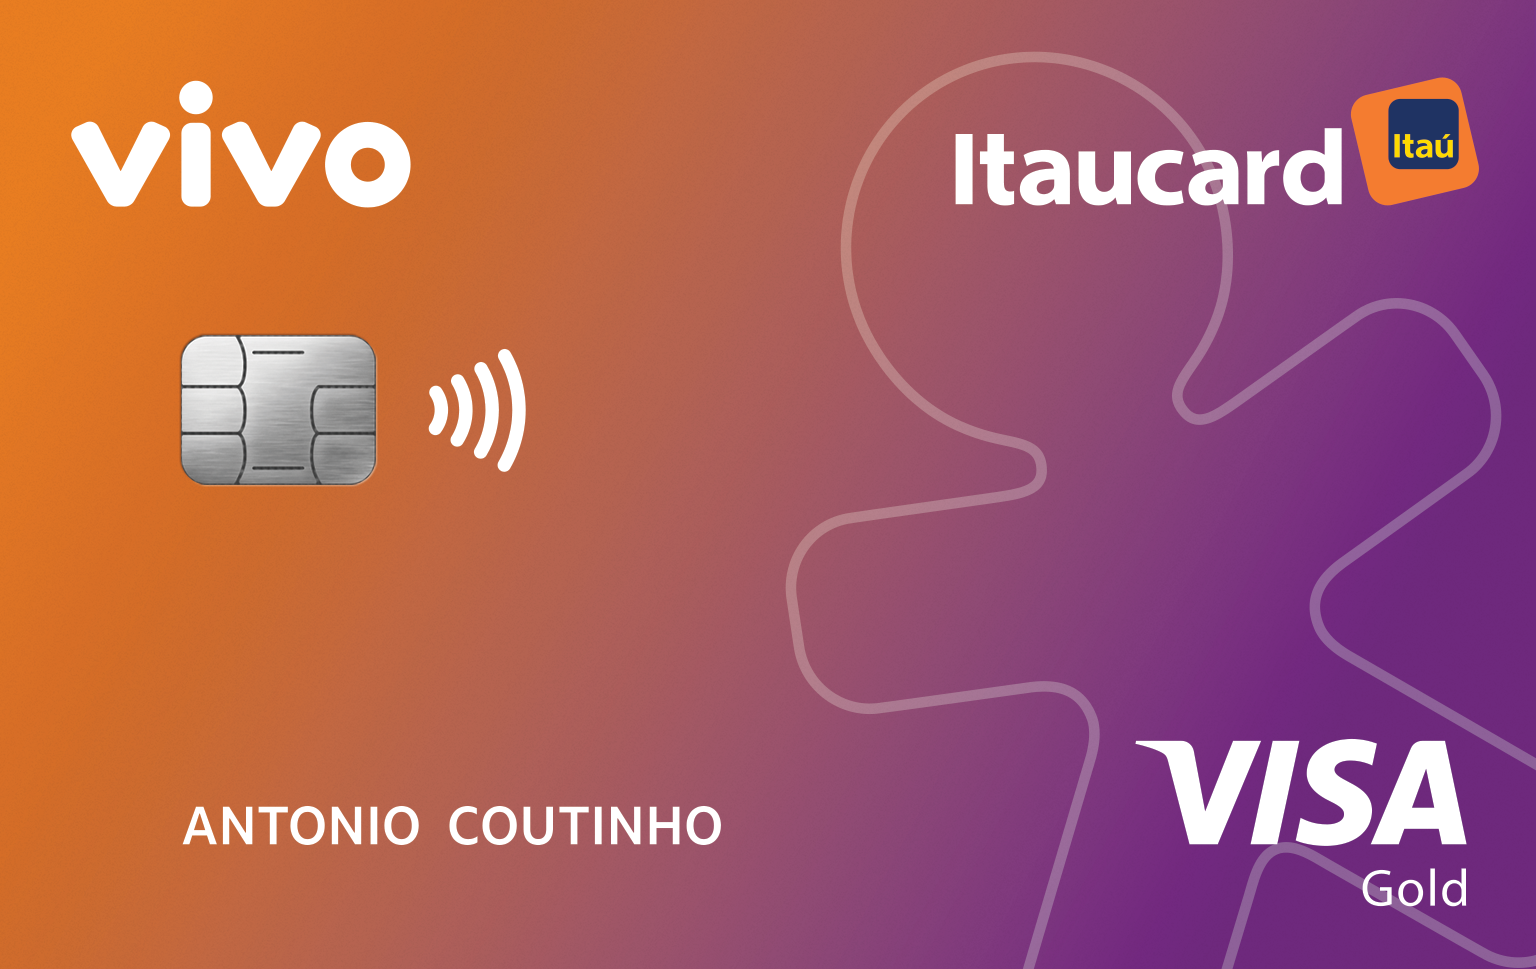 Cartão Vivo Itaucard Cashback Gold Visa